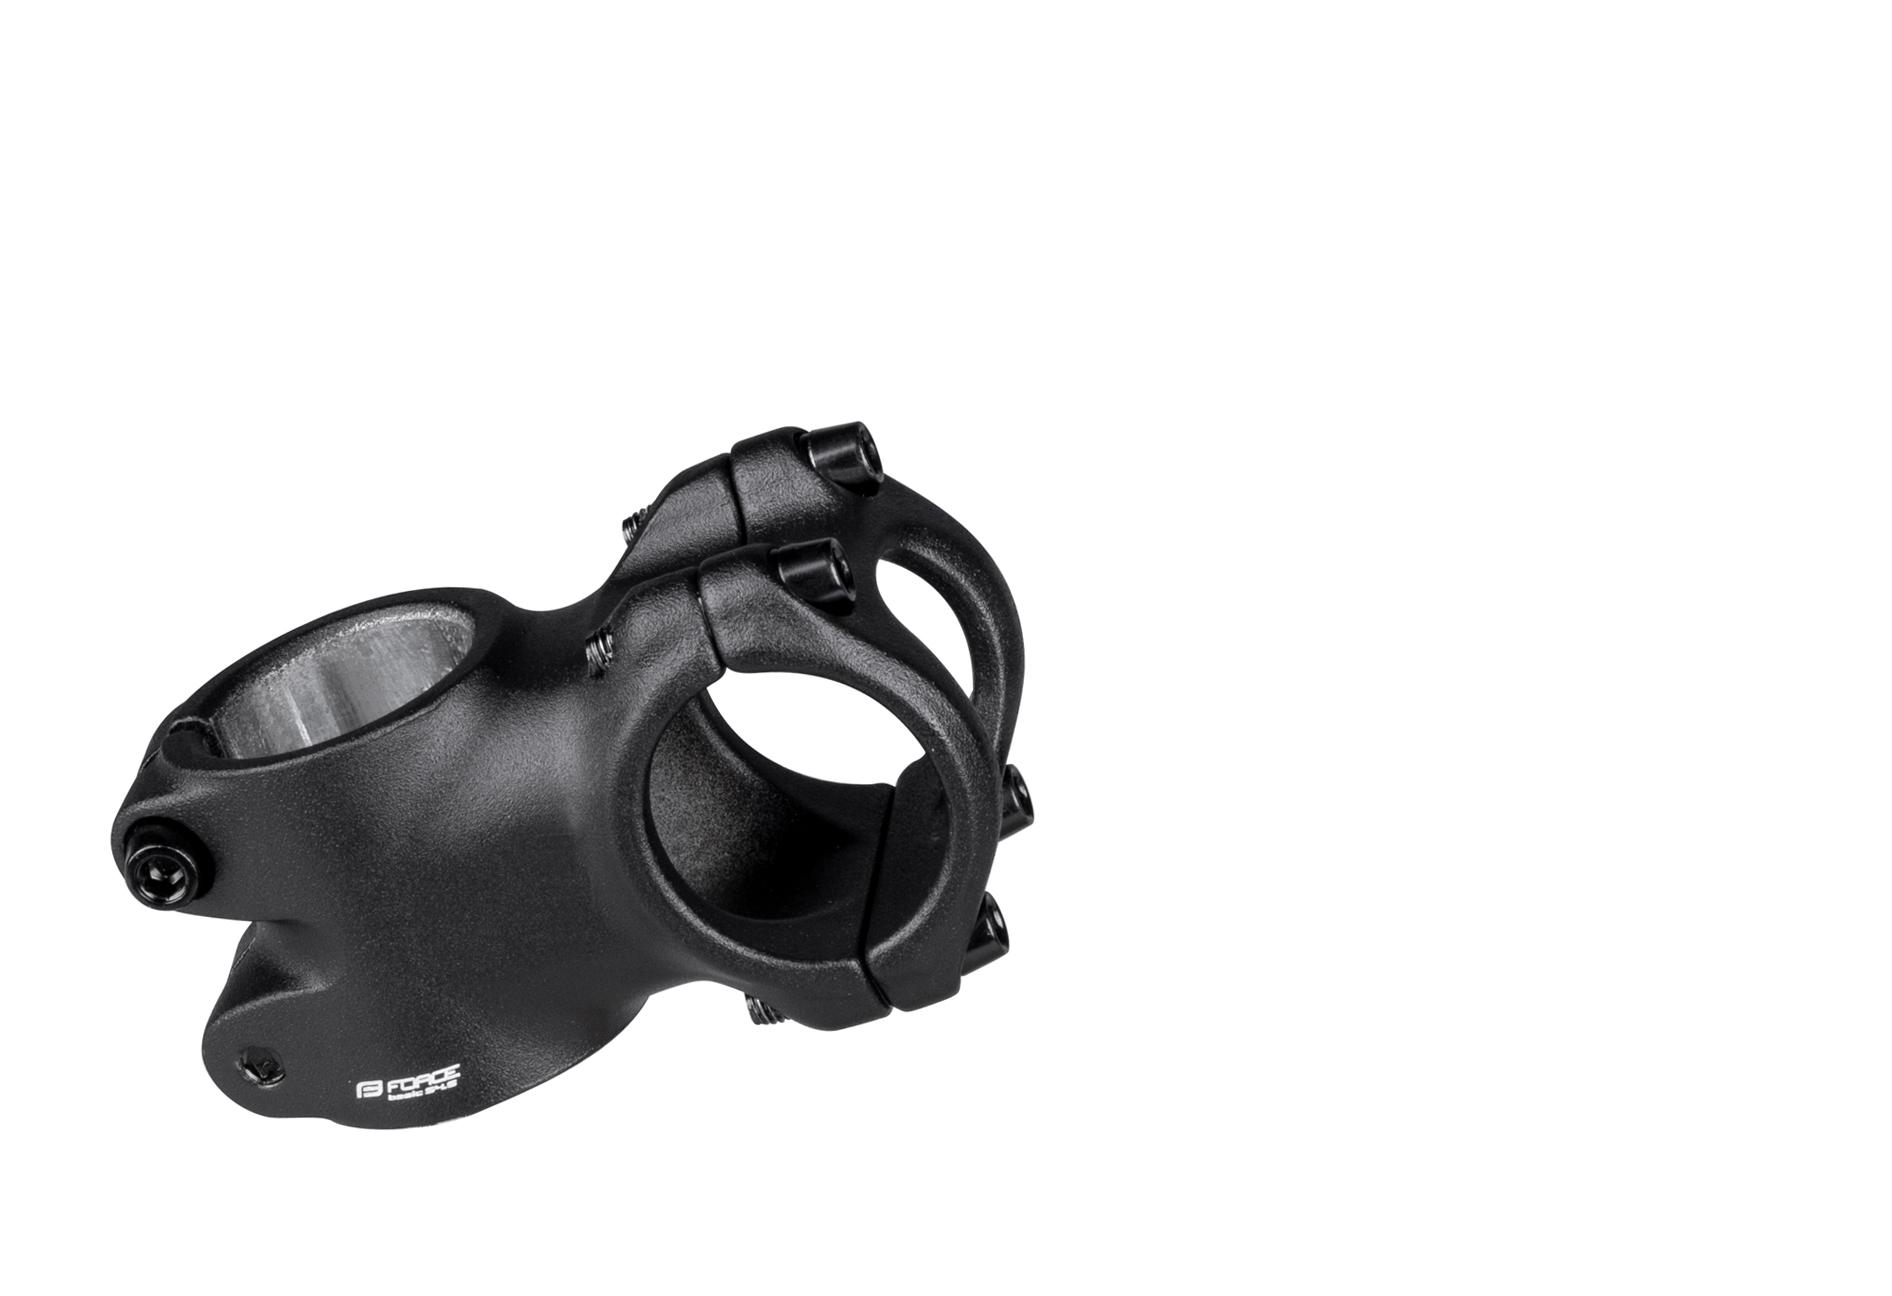 představec FORCE BASIC S4.5  31,8/45mm Al, černý